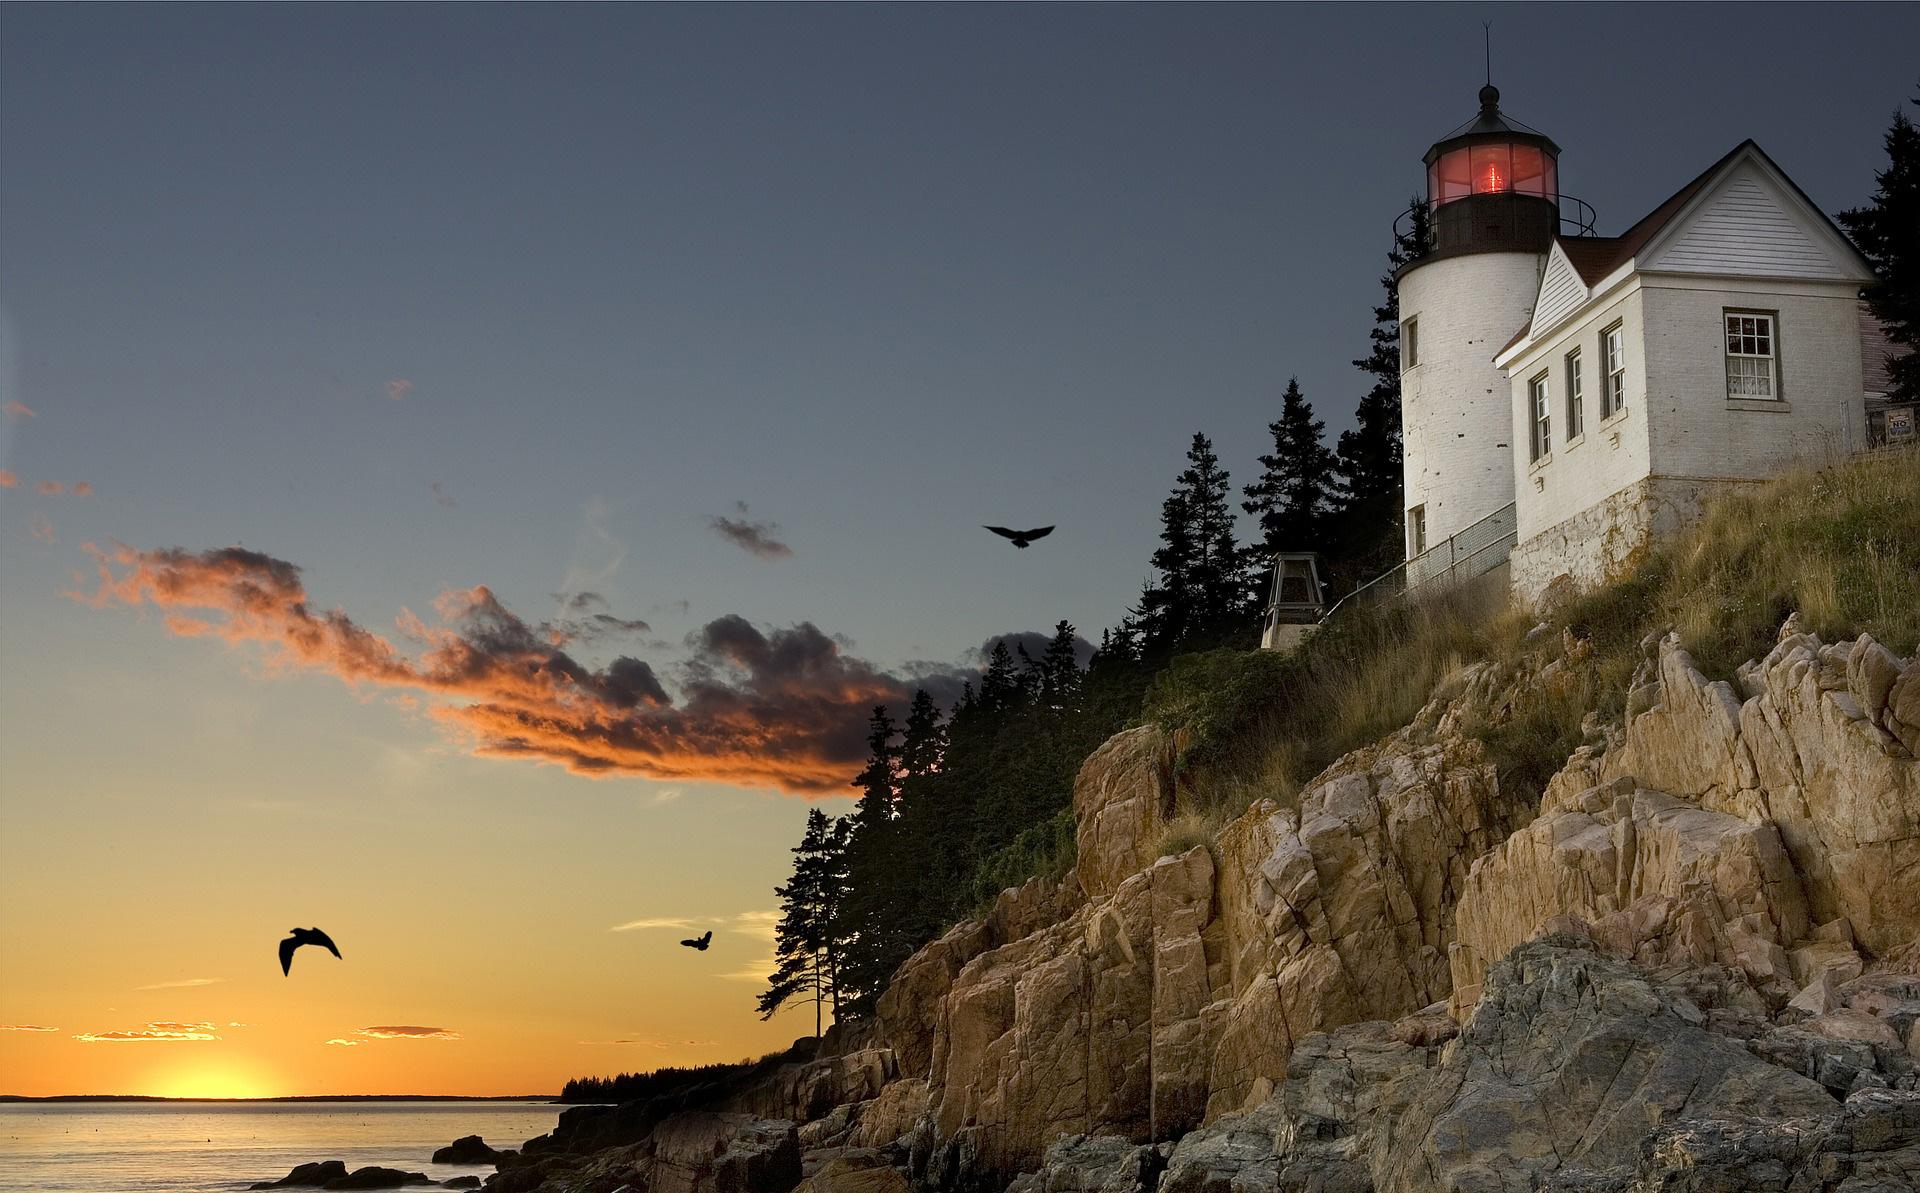 LIghthouse on the coast of Bar Harbor, Maine